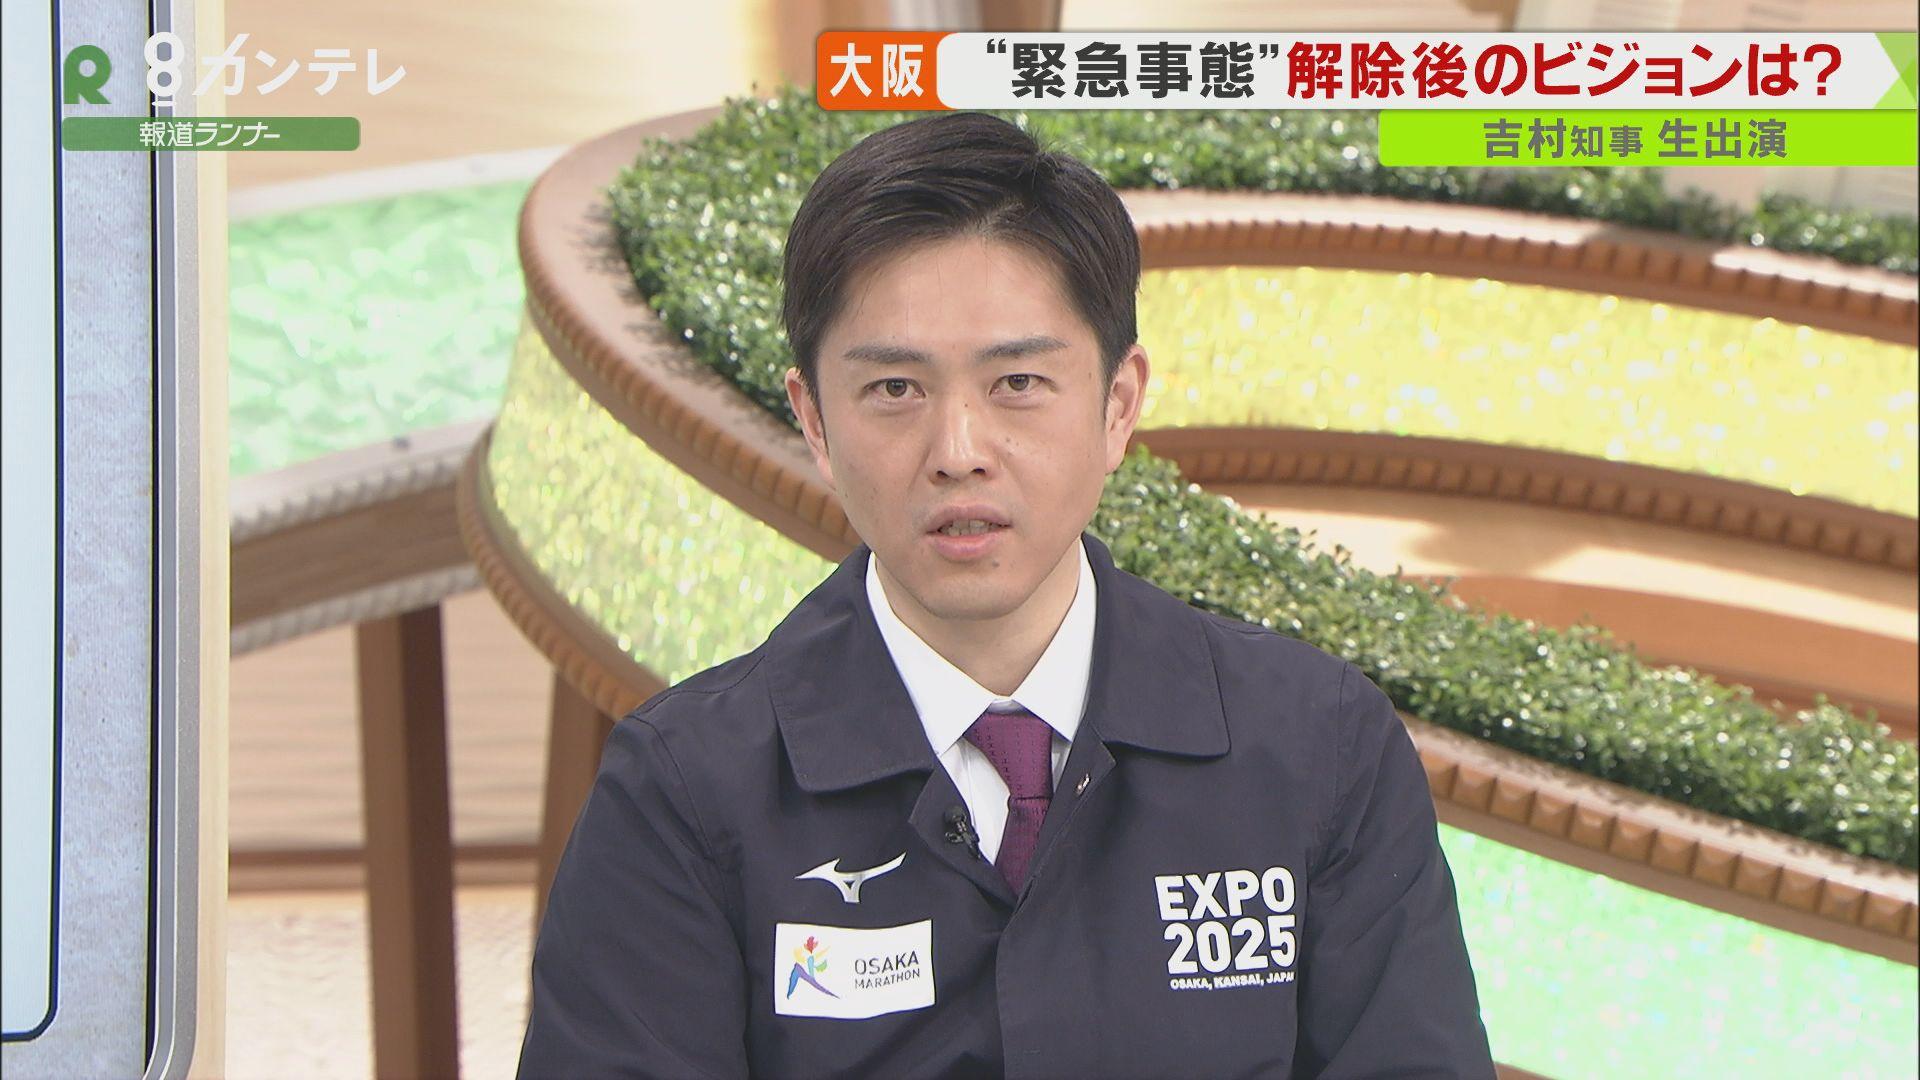 大阪府・吉村知事が改めて「拡大防止への協力」呼びかけ